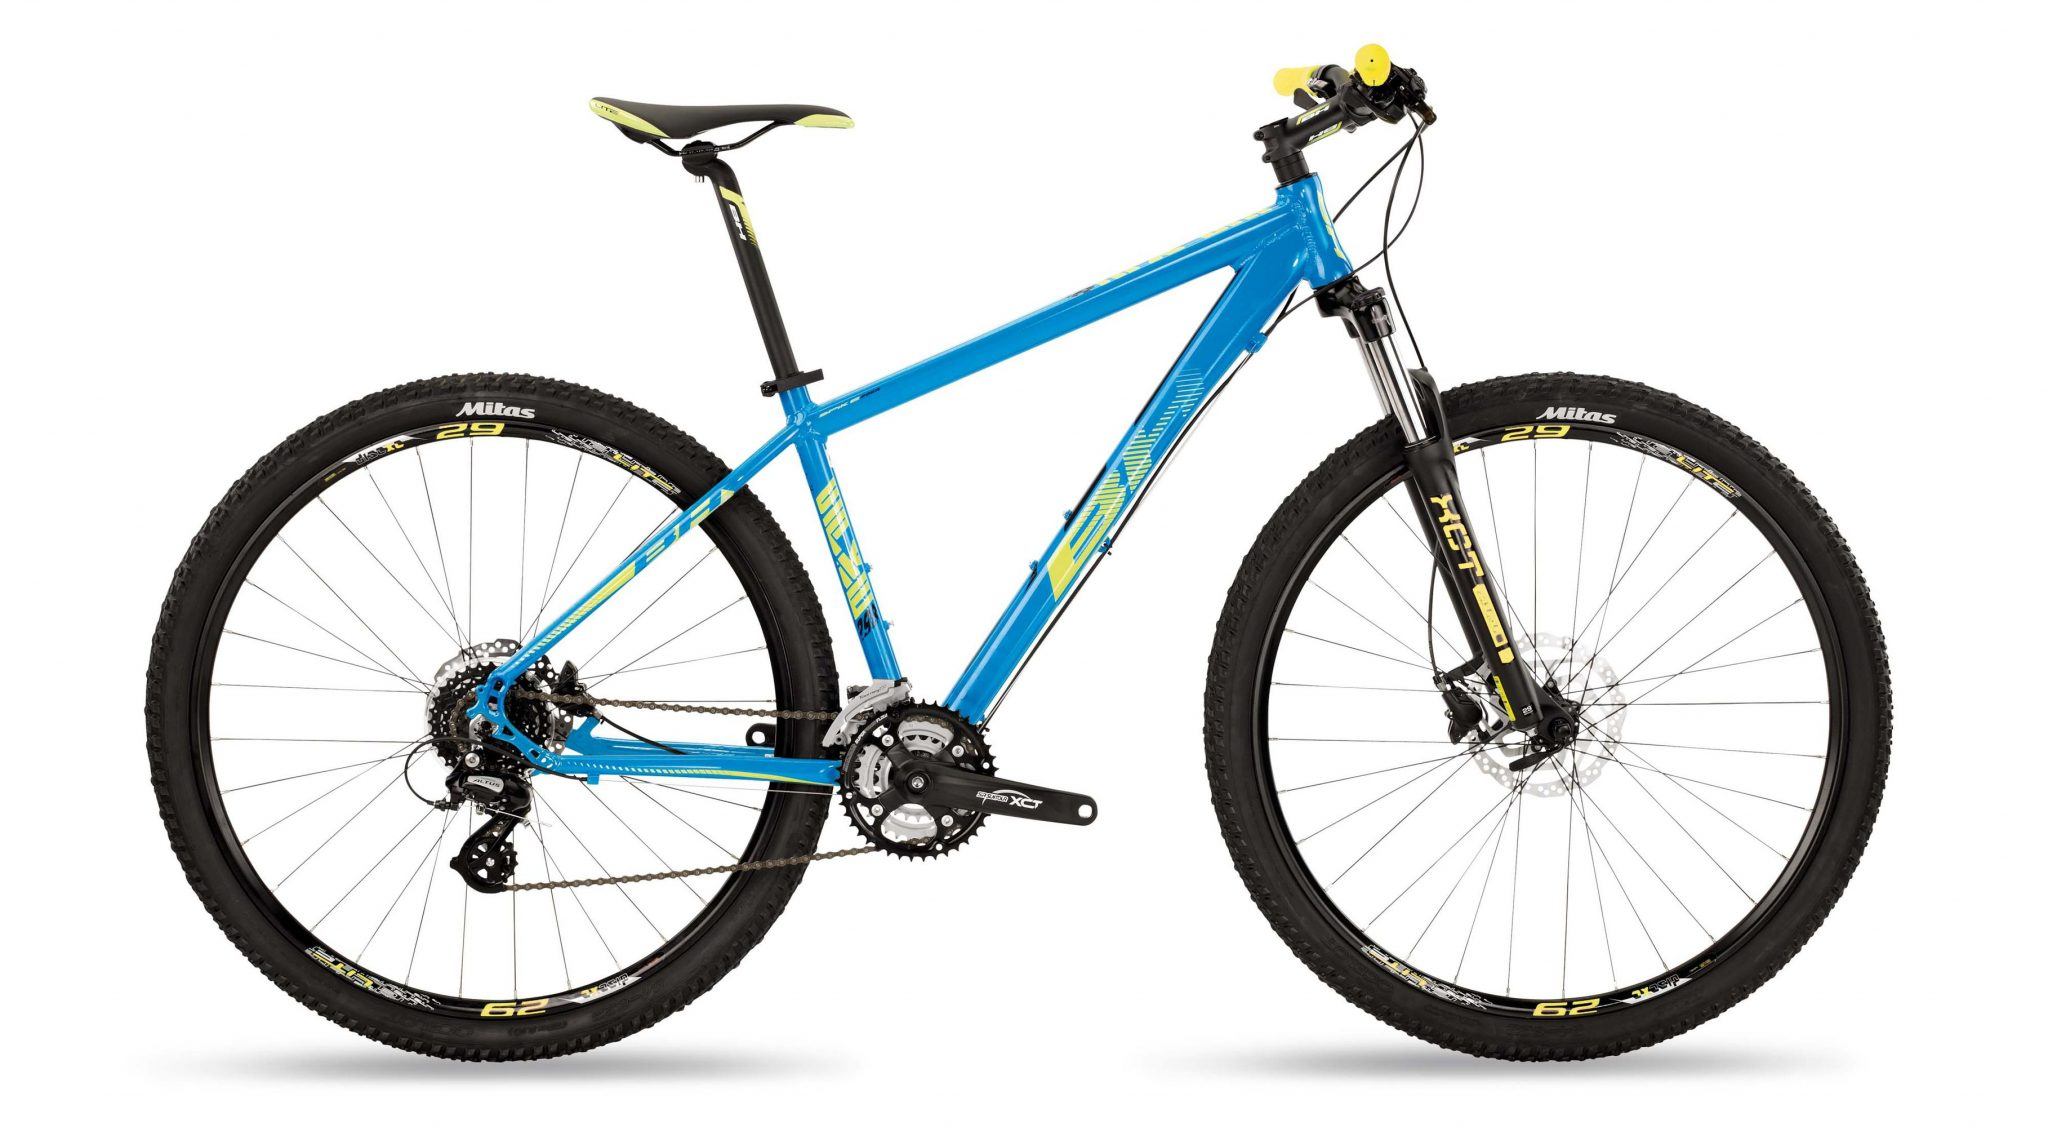 Bicicleta oferta outlet